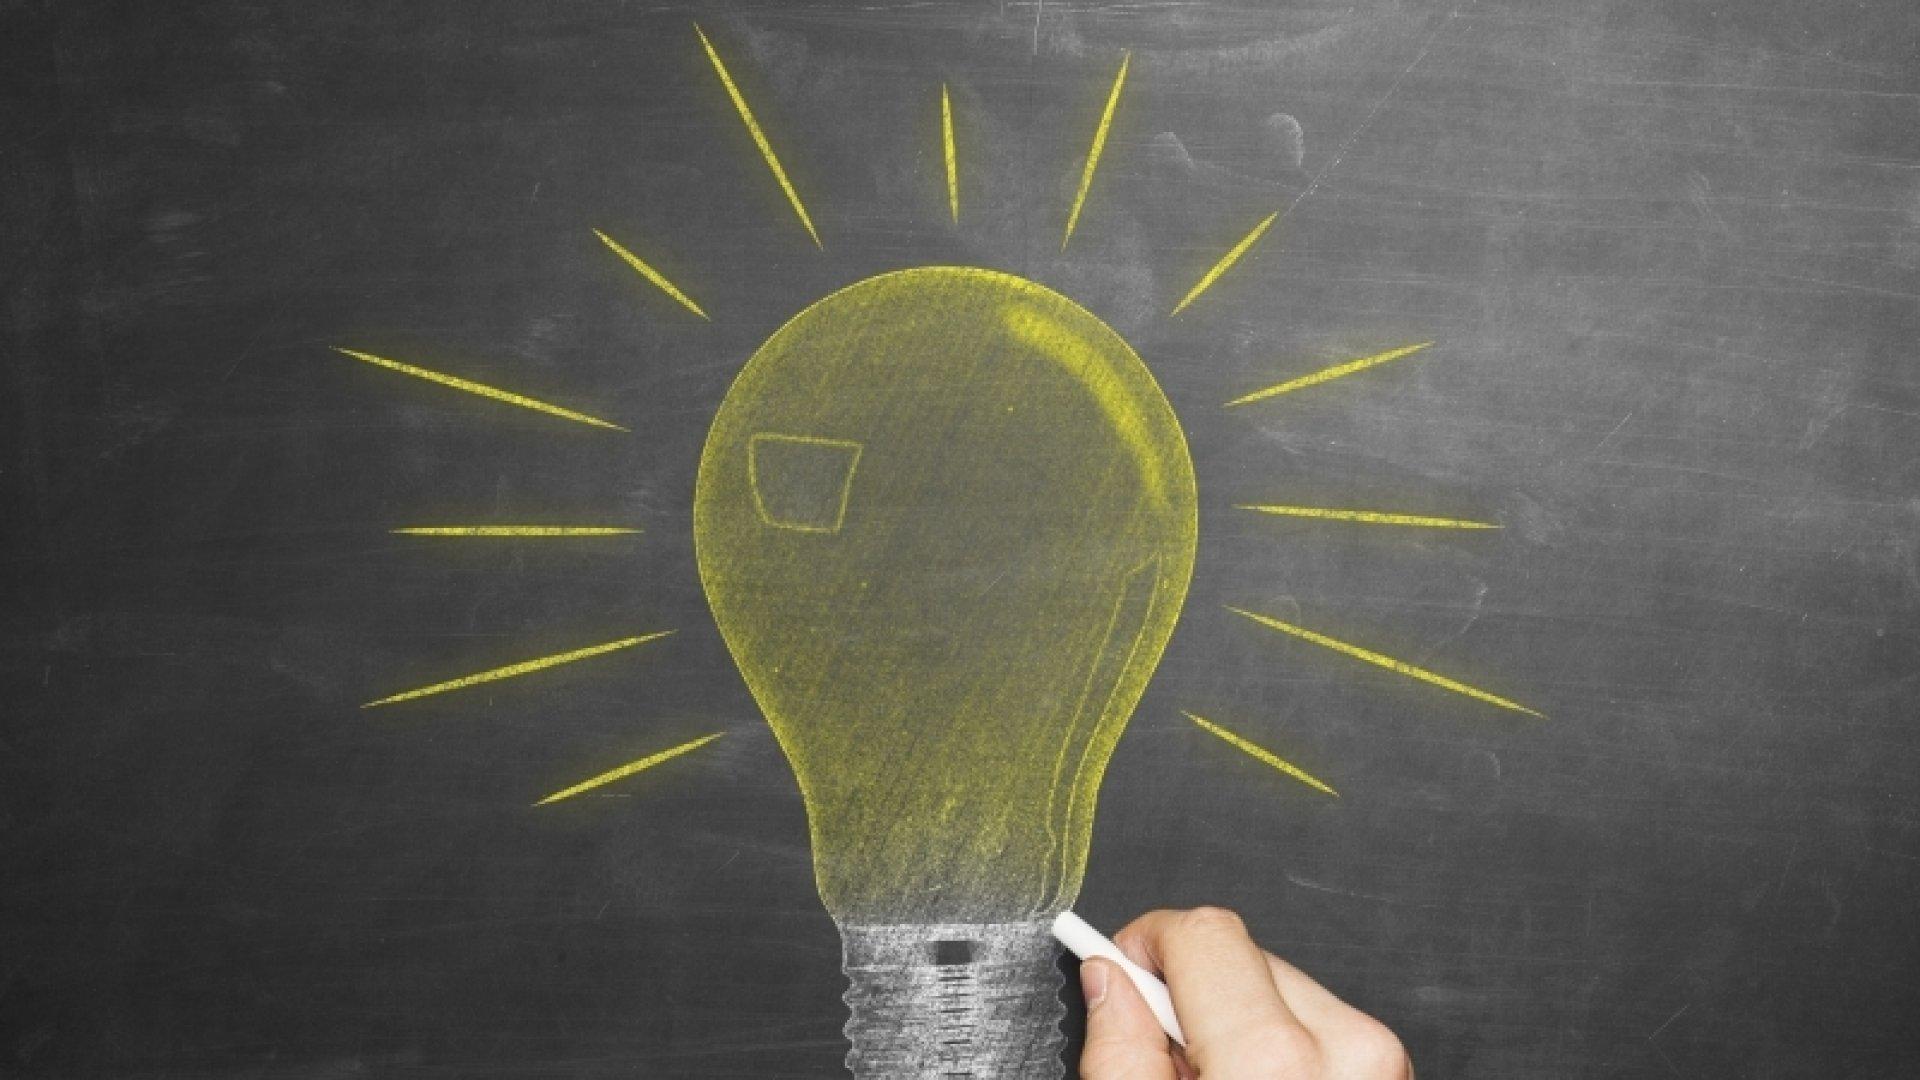 The Secret Formula for Big Ideas